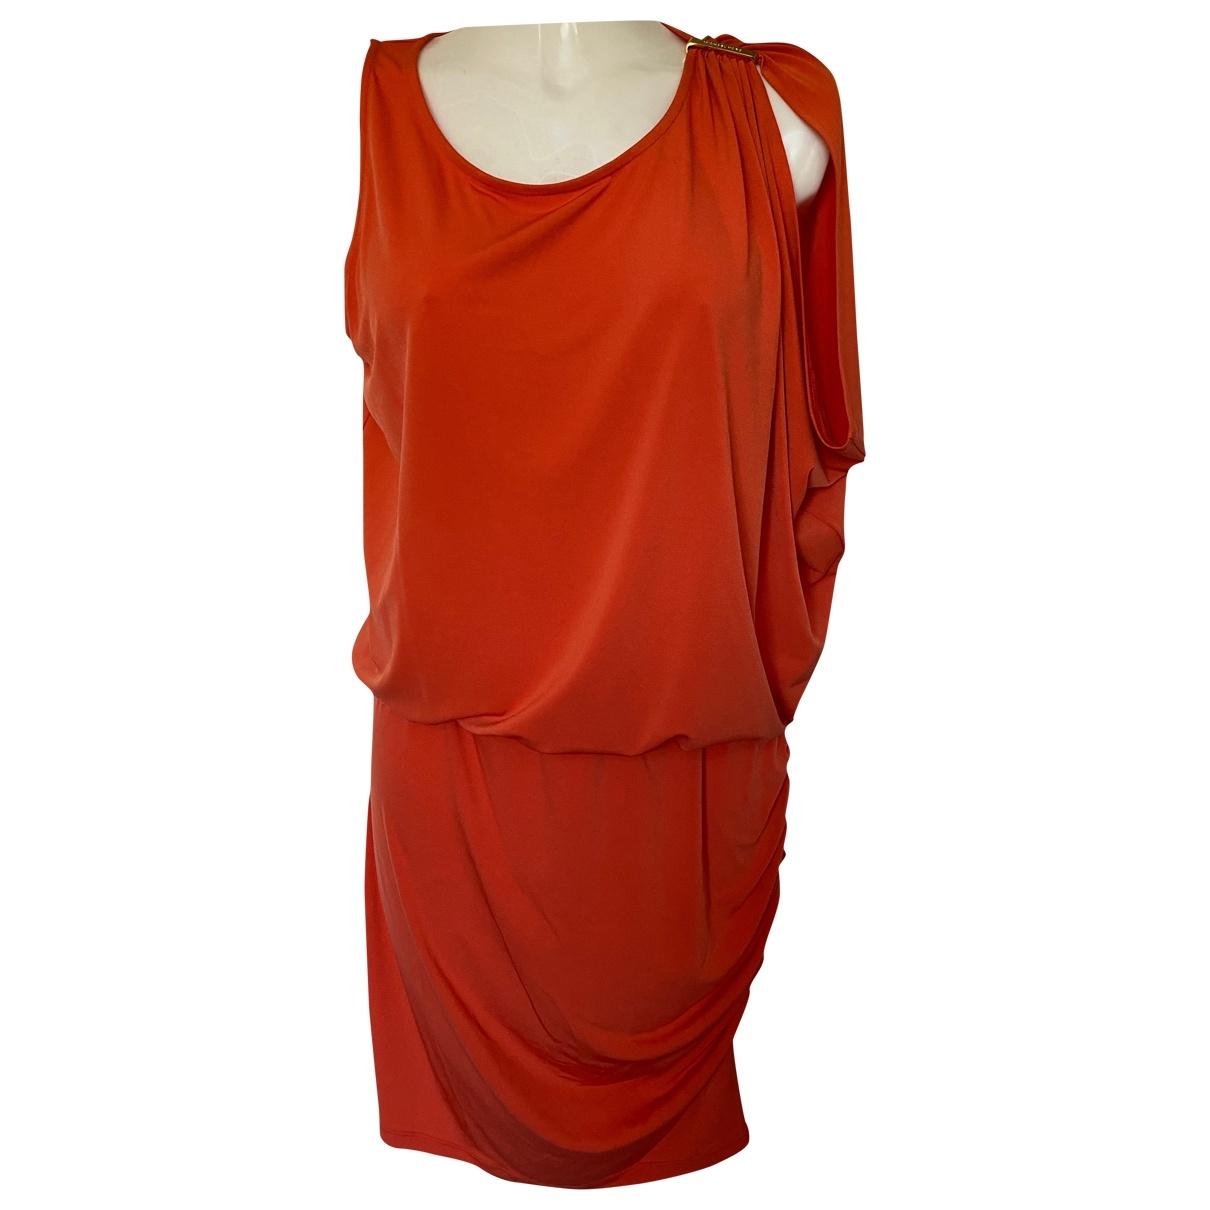 Michael Kors \N Orange dress for Women M International